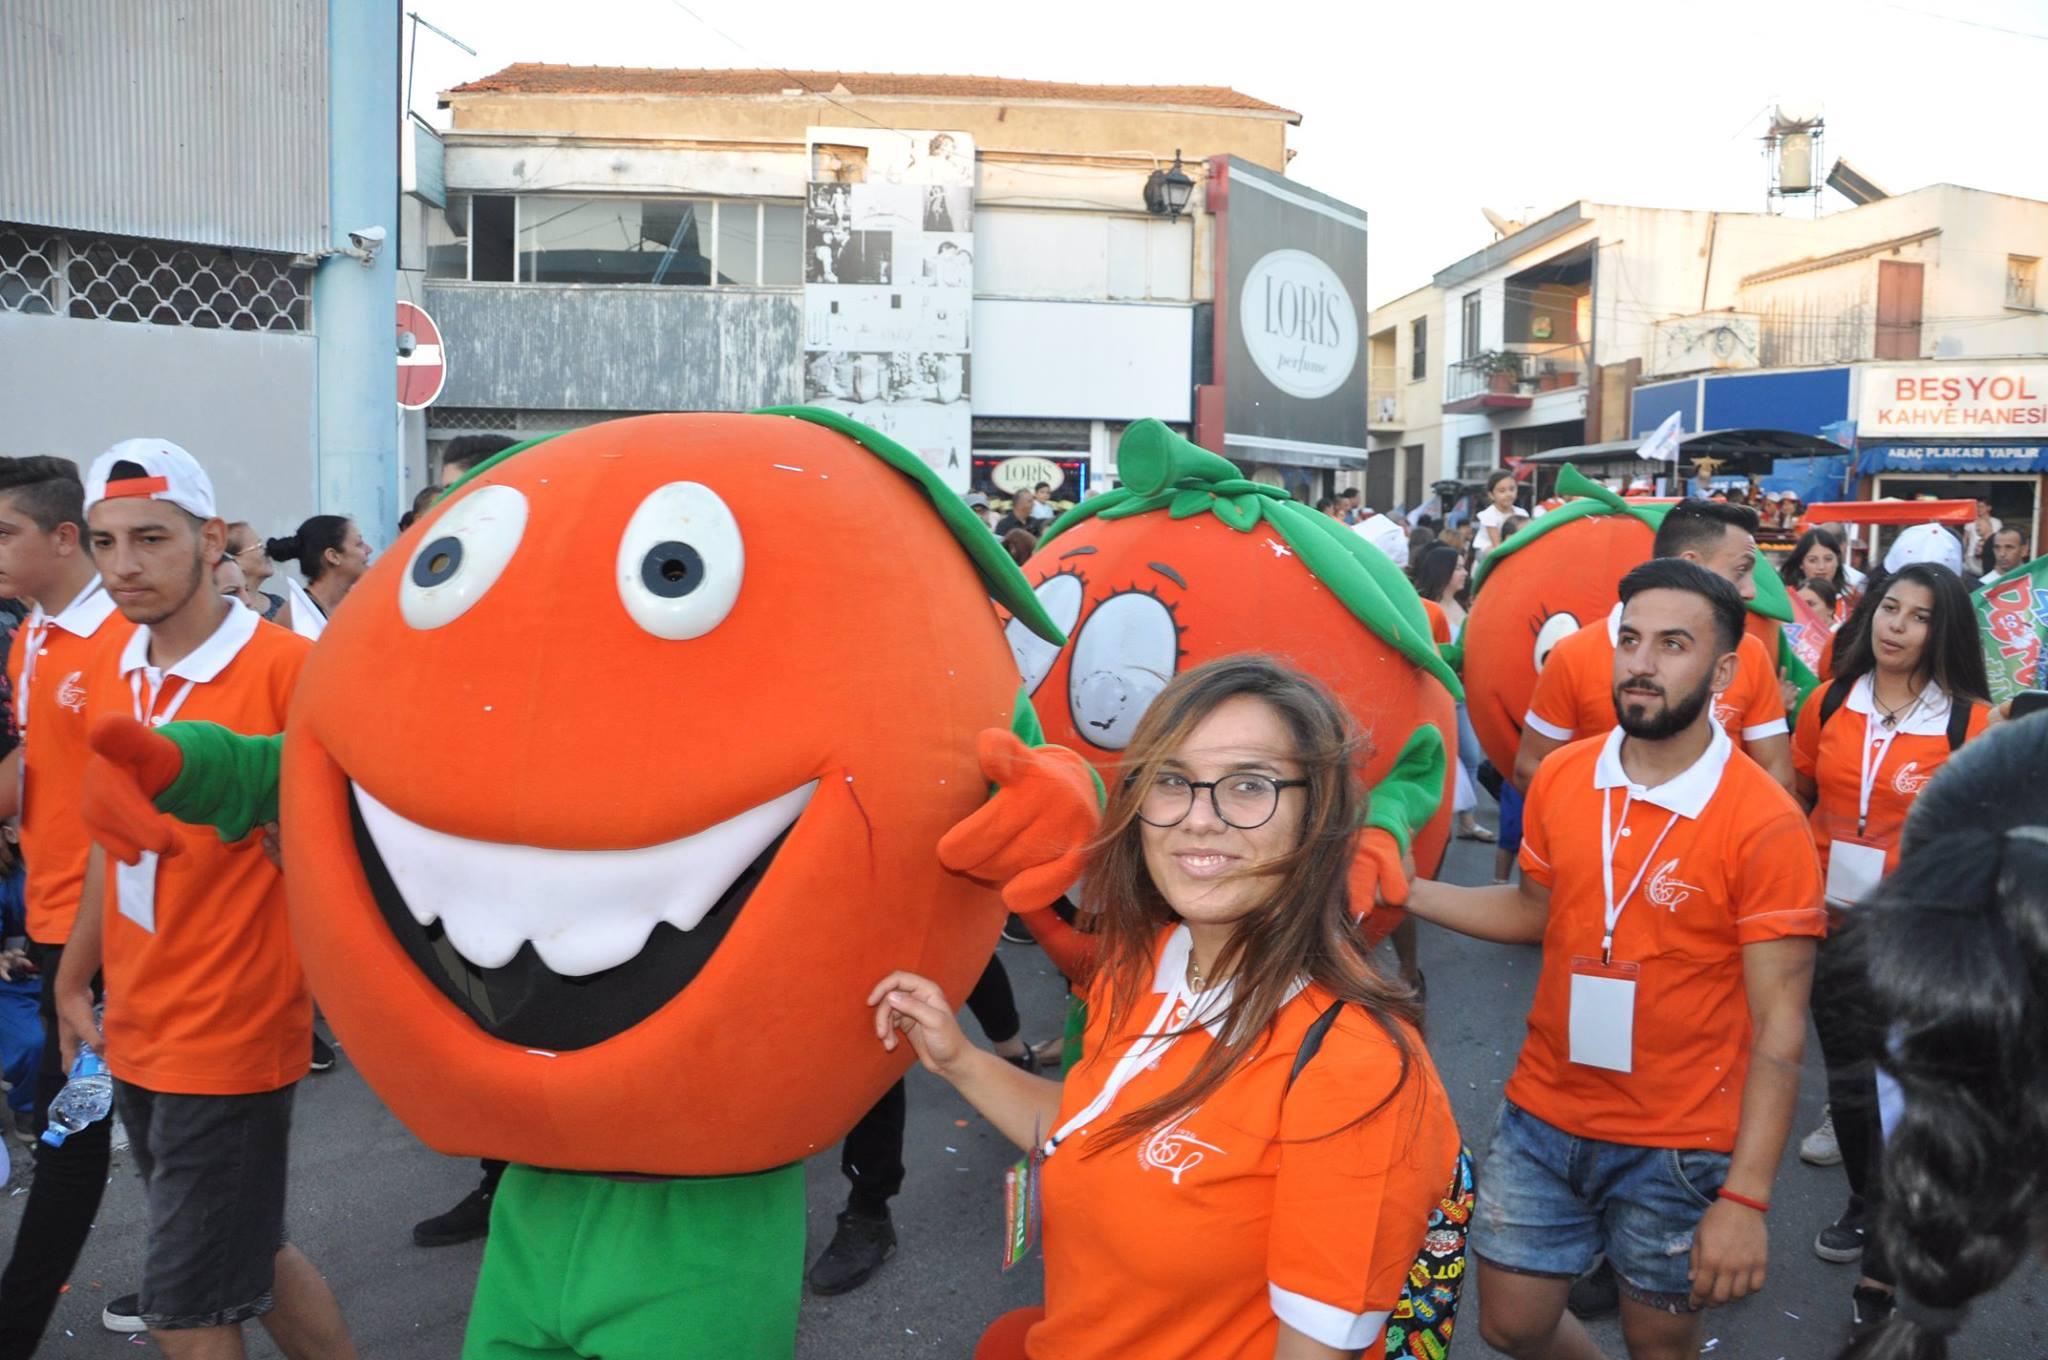 Завершился самый яркий фестиваль на острове - апельсиновый